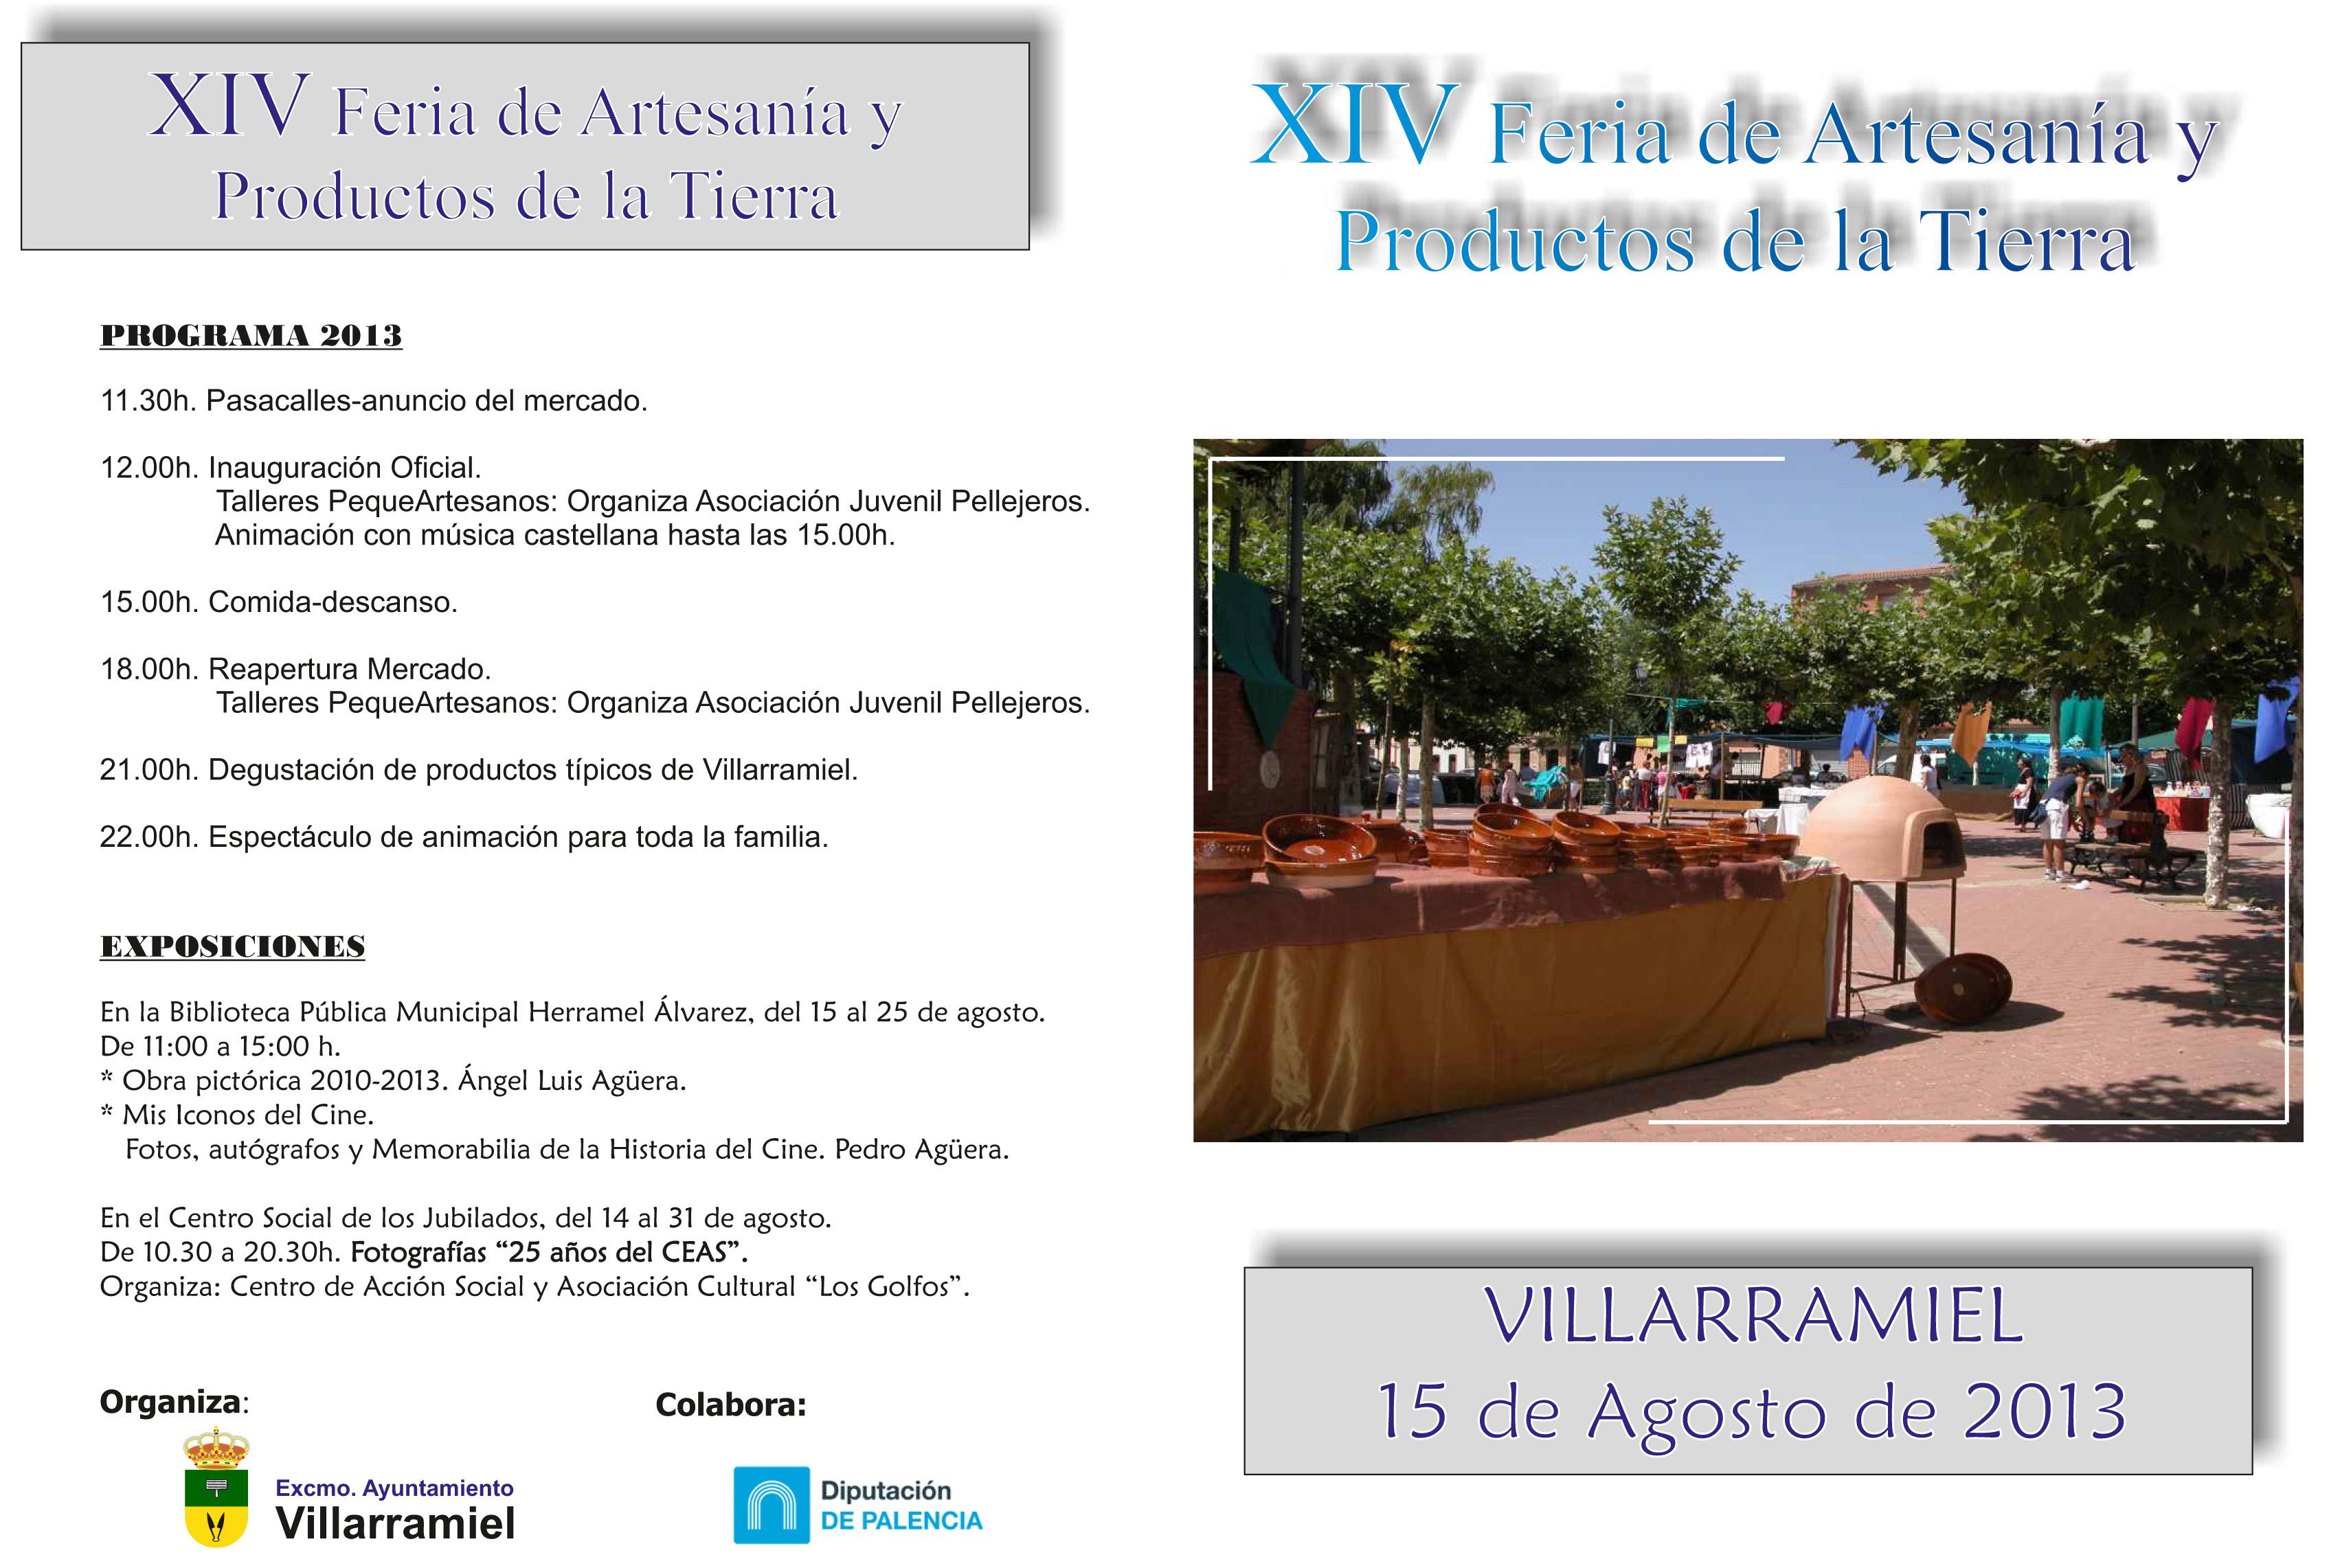 XIV Feria de Artesanía y Productos de la Tierra